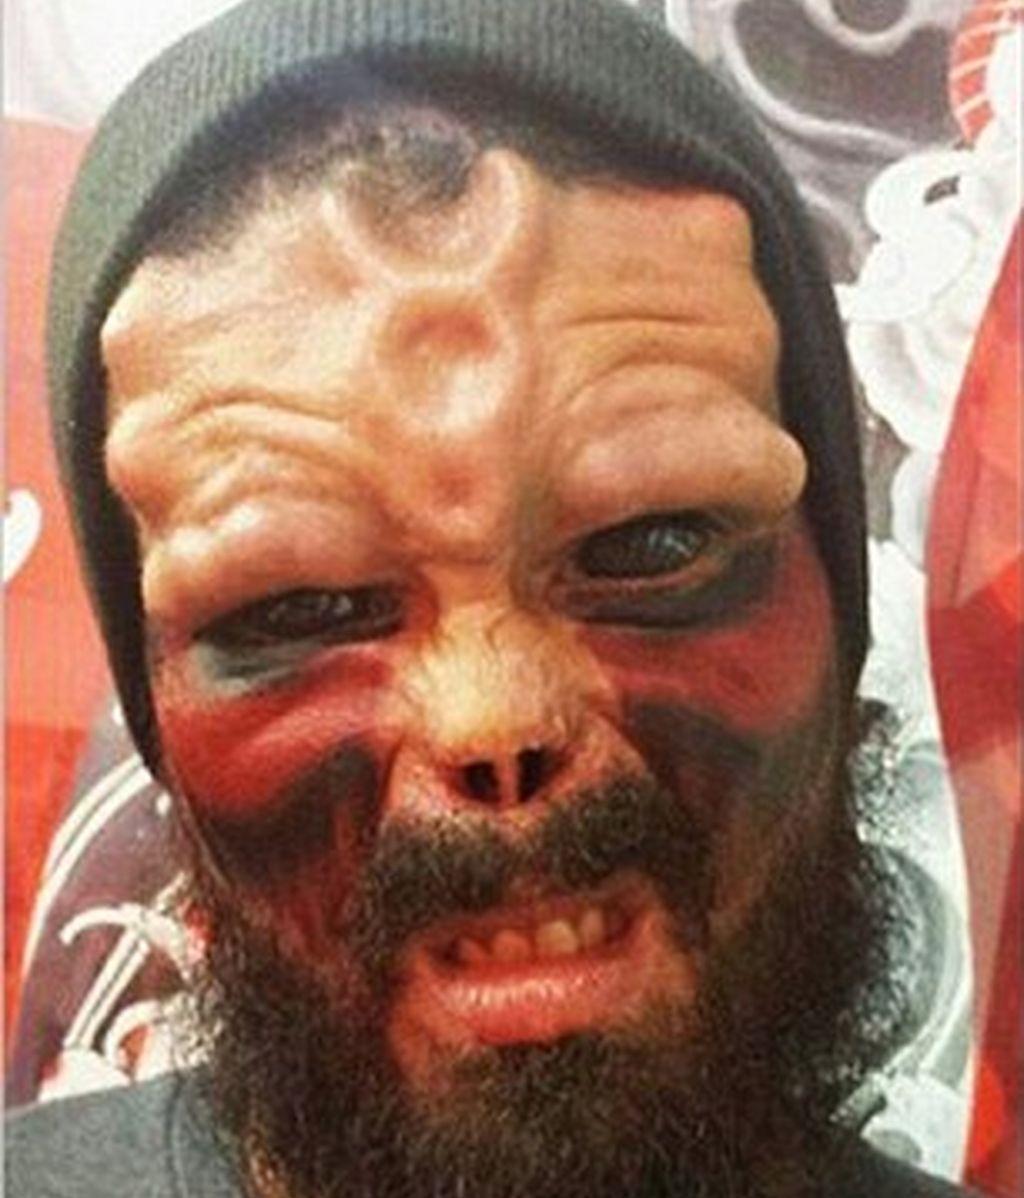 Se opera la nariz y se tatúa la cara para parecerse a Cráneo Rojo de 'Capitán América'